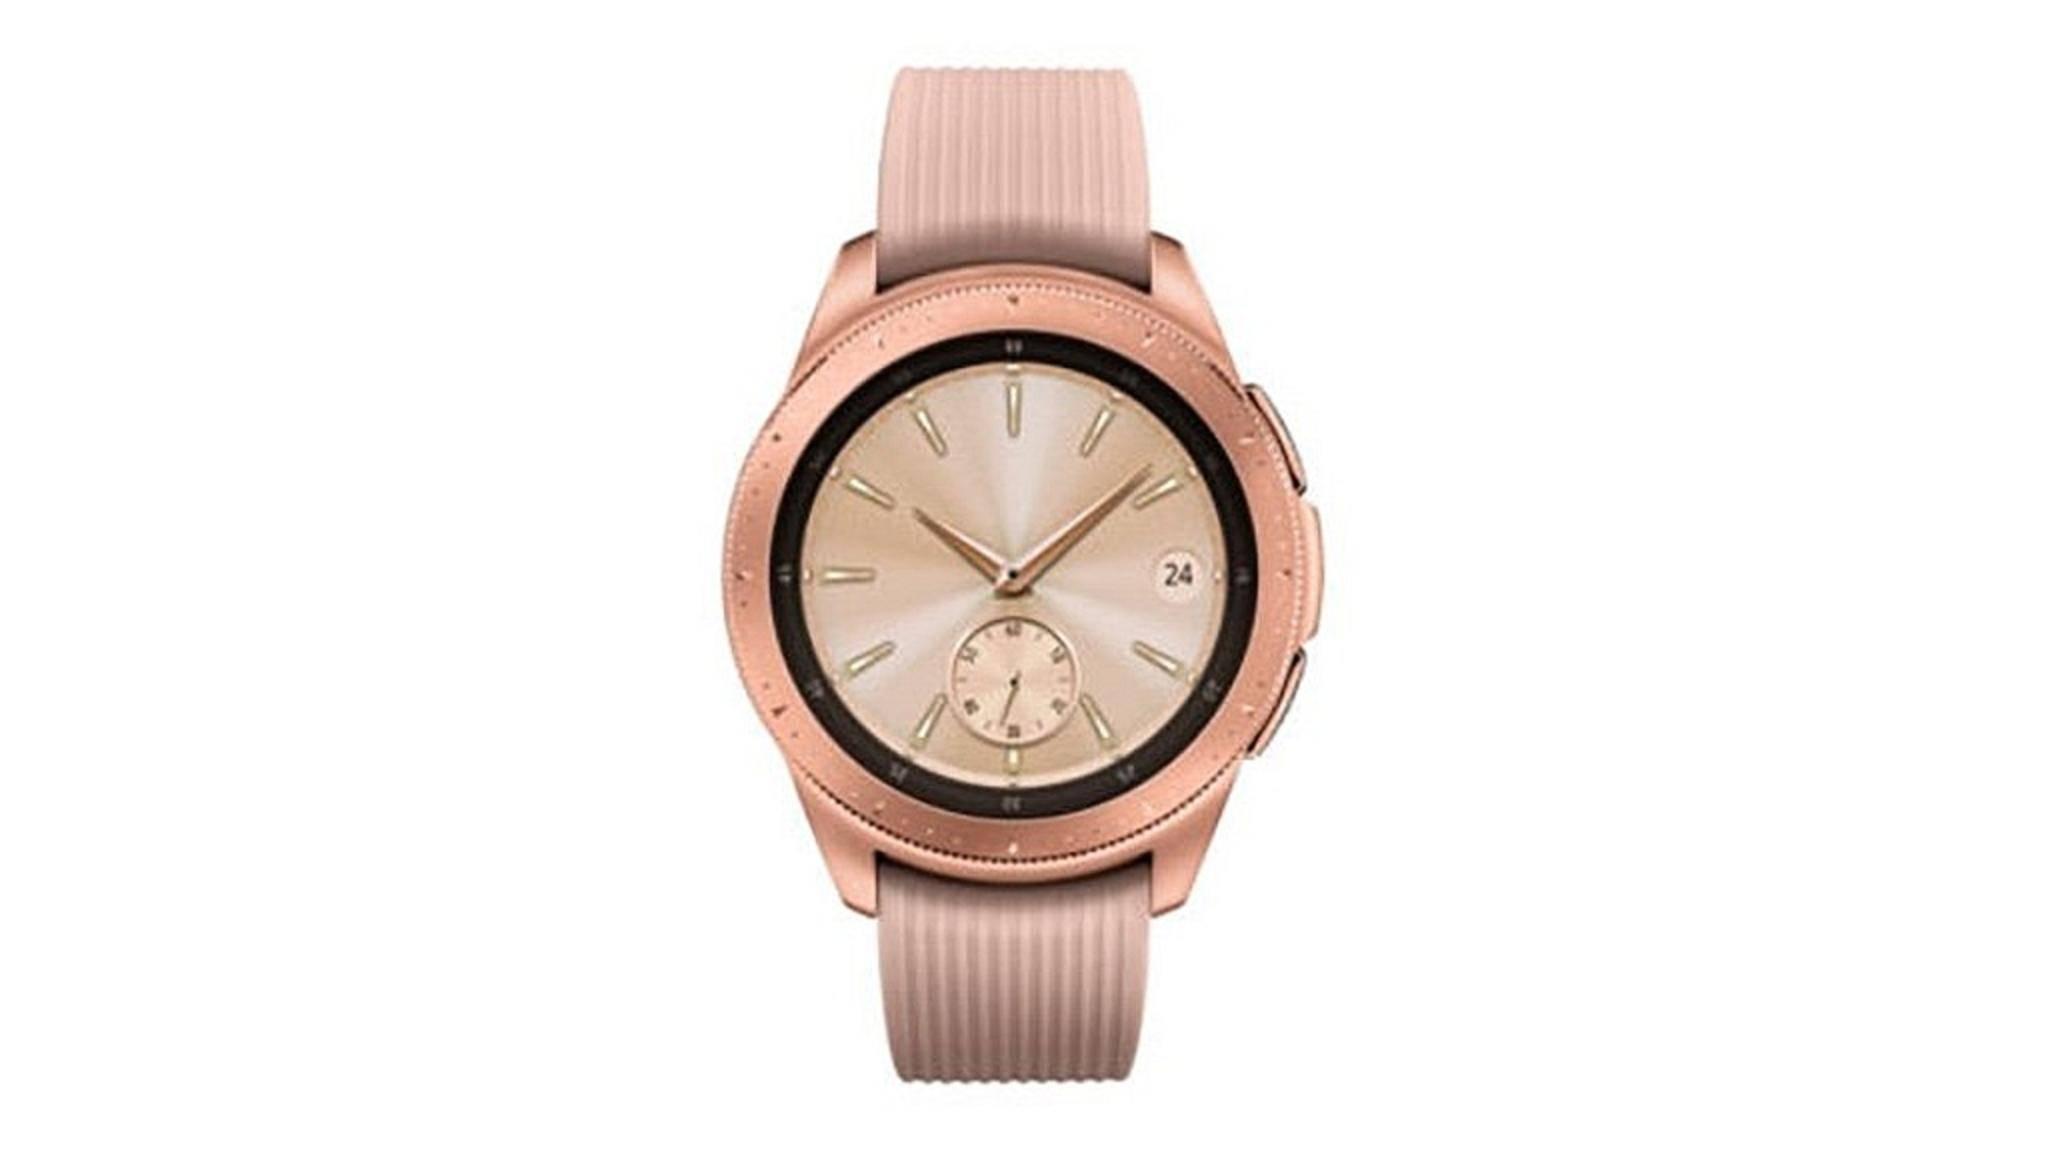 Samsung veröffentlichte kurz dieses Bild von der Galaxy Watch.